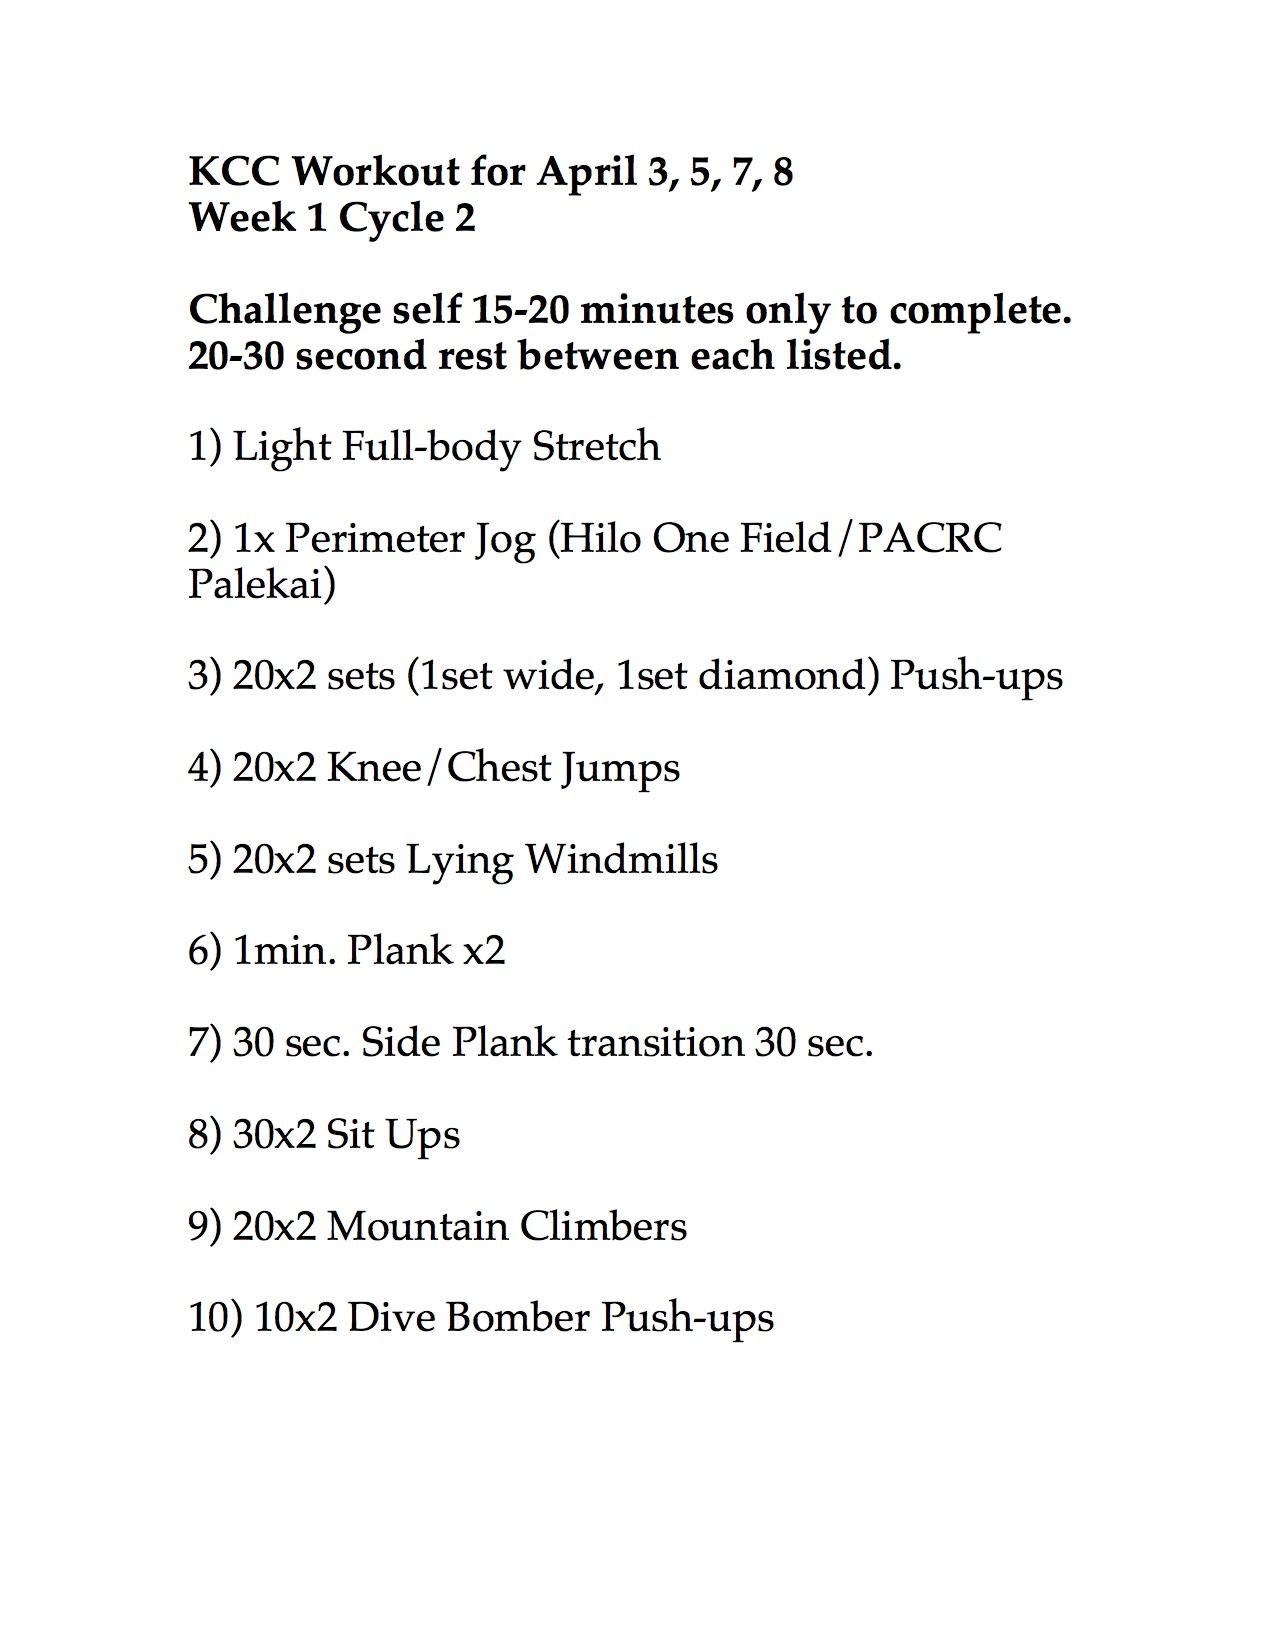 WEEK 2 CYCLE 2